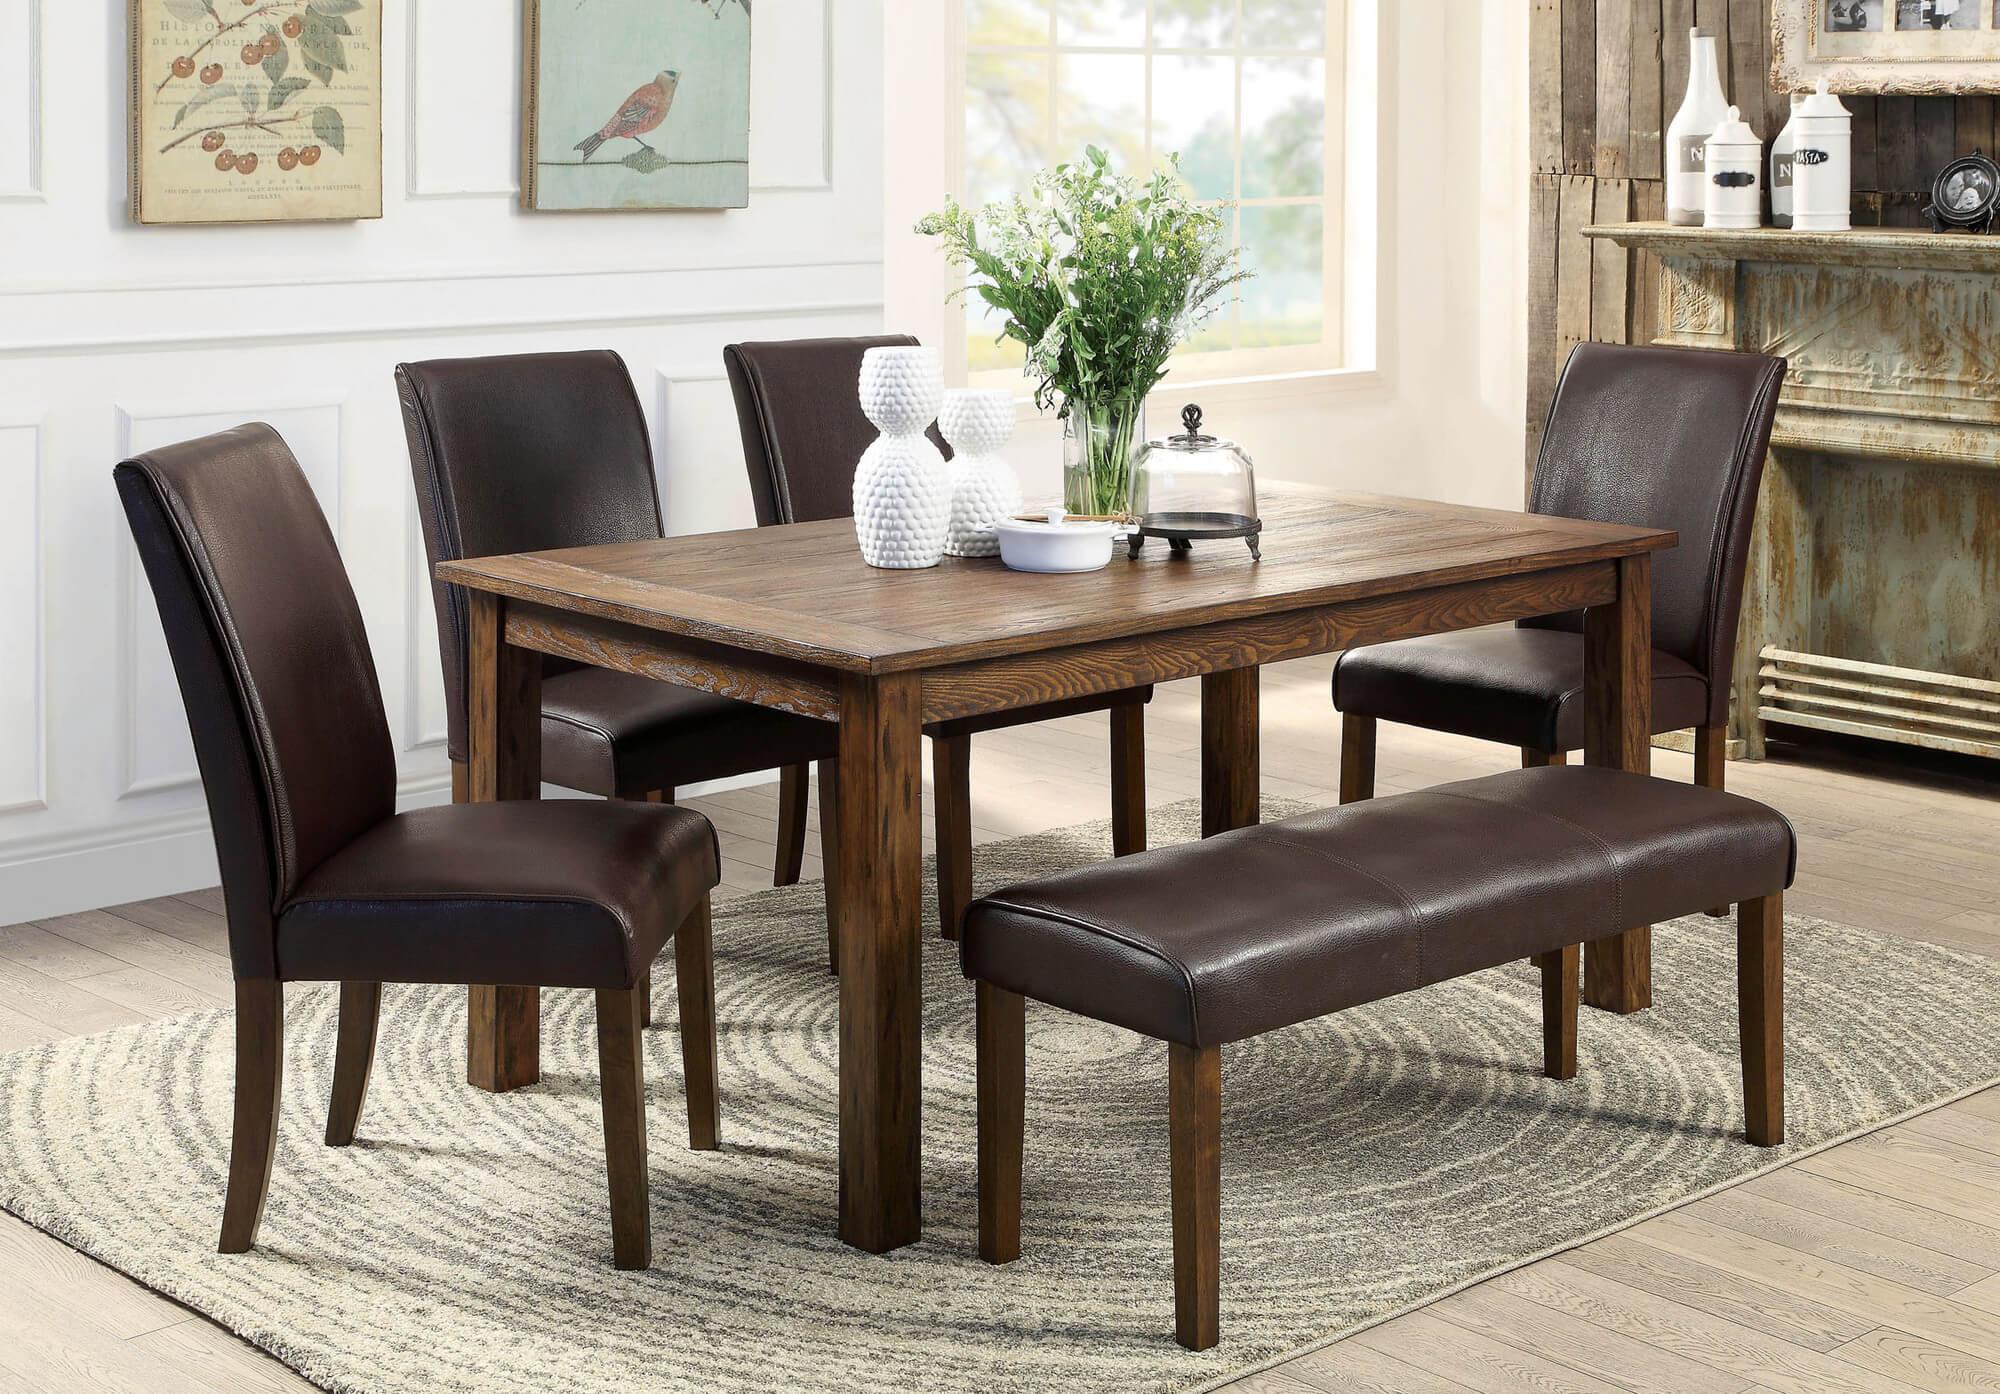 Столовый гарнитур со стульями из кожи